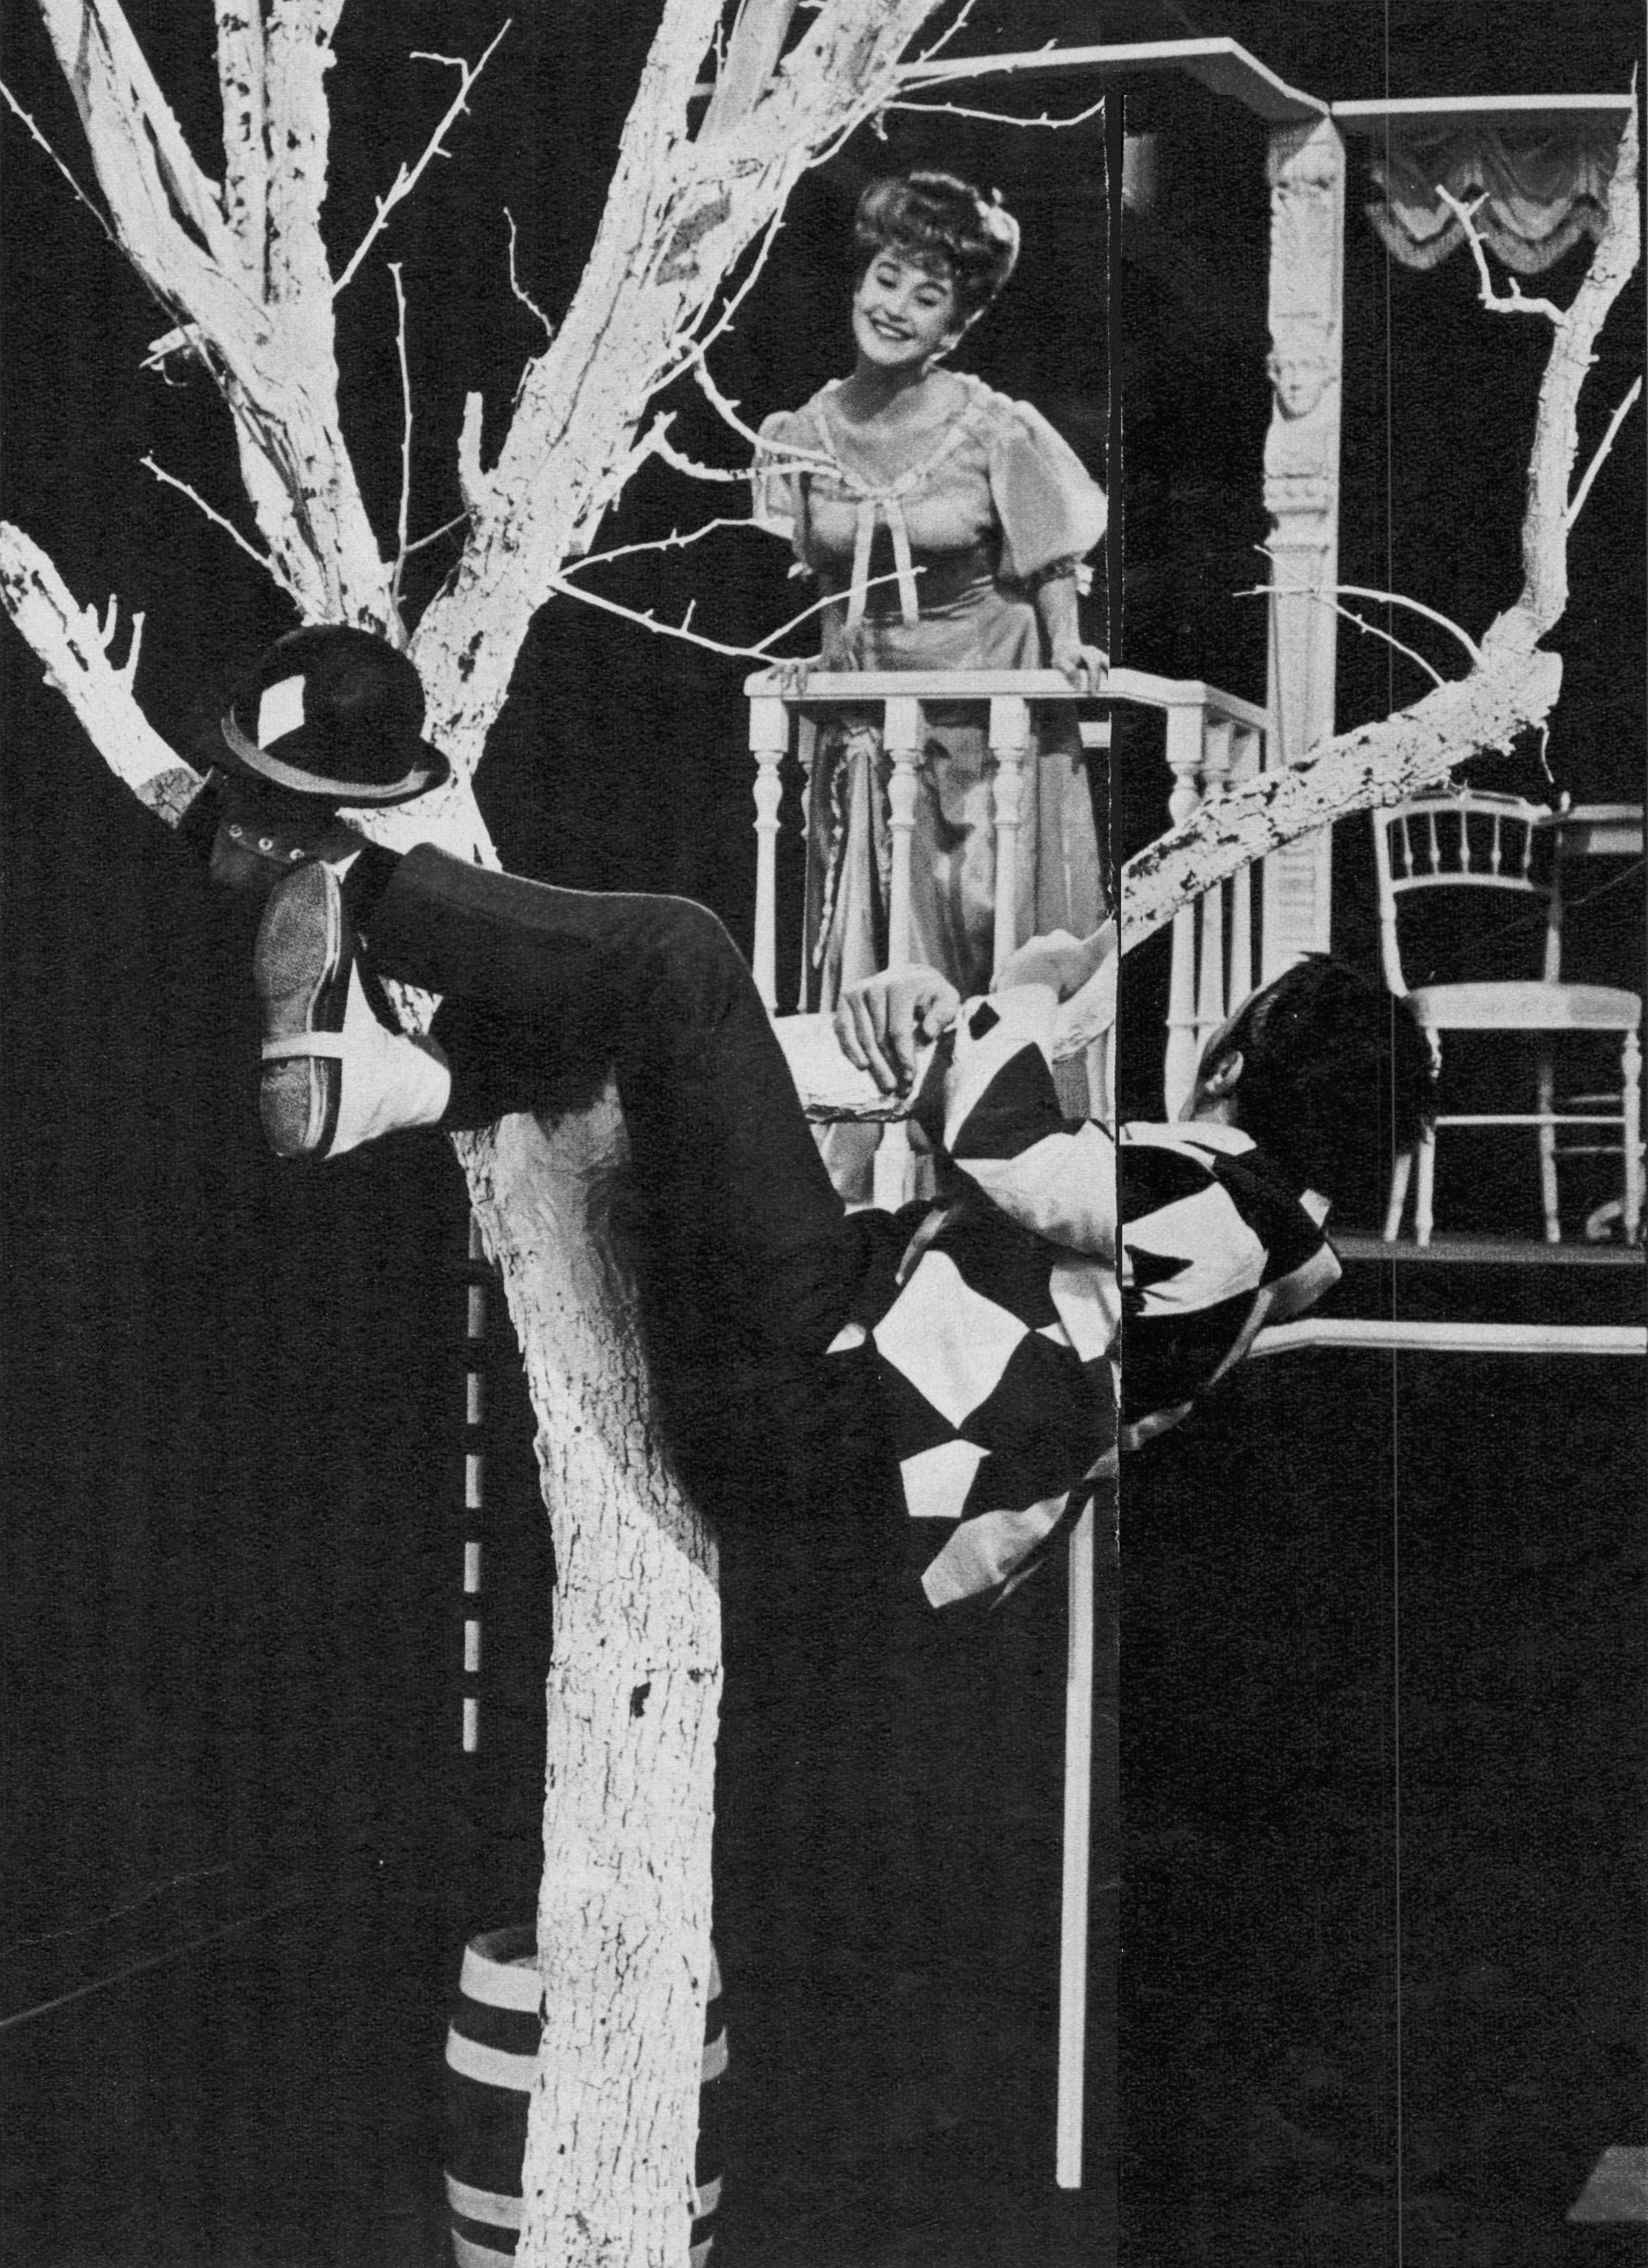 Émile Jaques-Dalcroze, Les Jumeaux de Bergame, adapté pour la télévision par Roger Burkhardt - Nérine et Arlequin